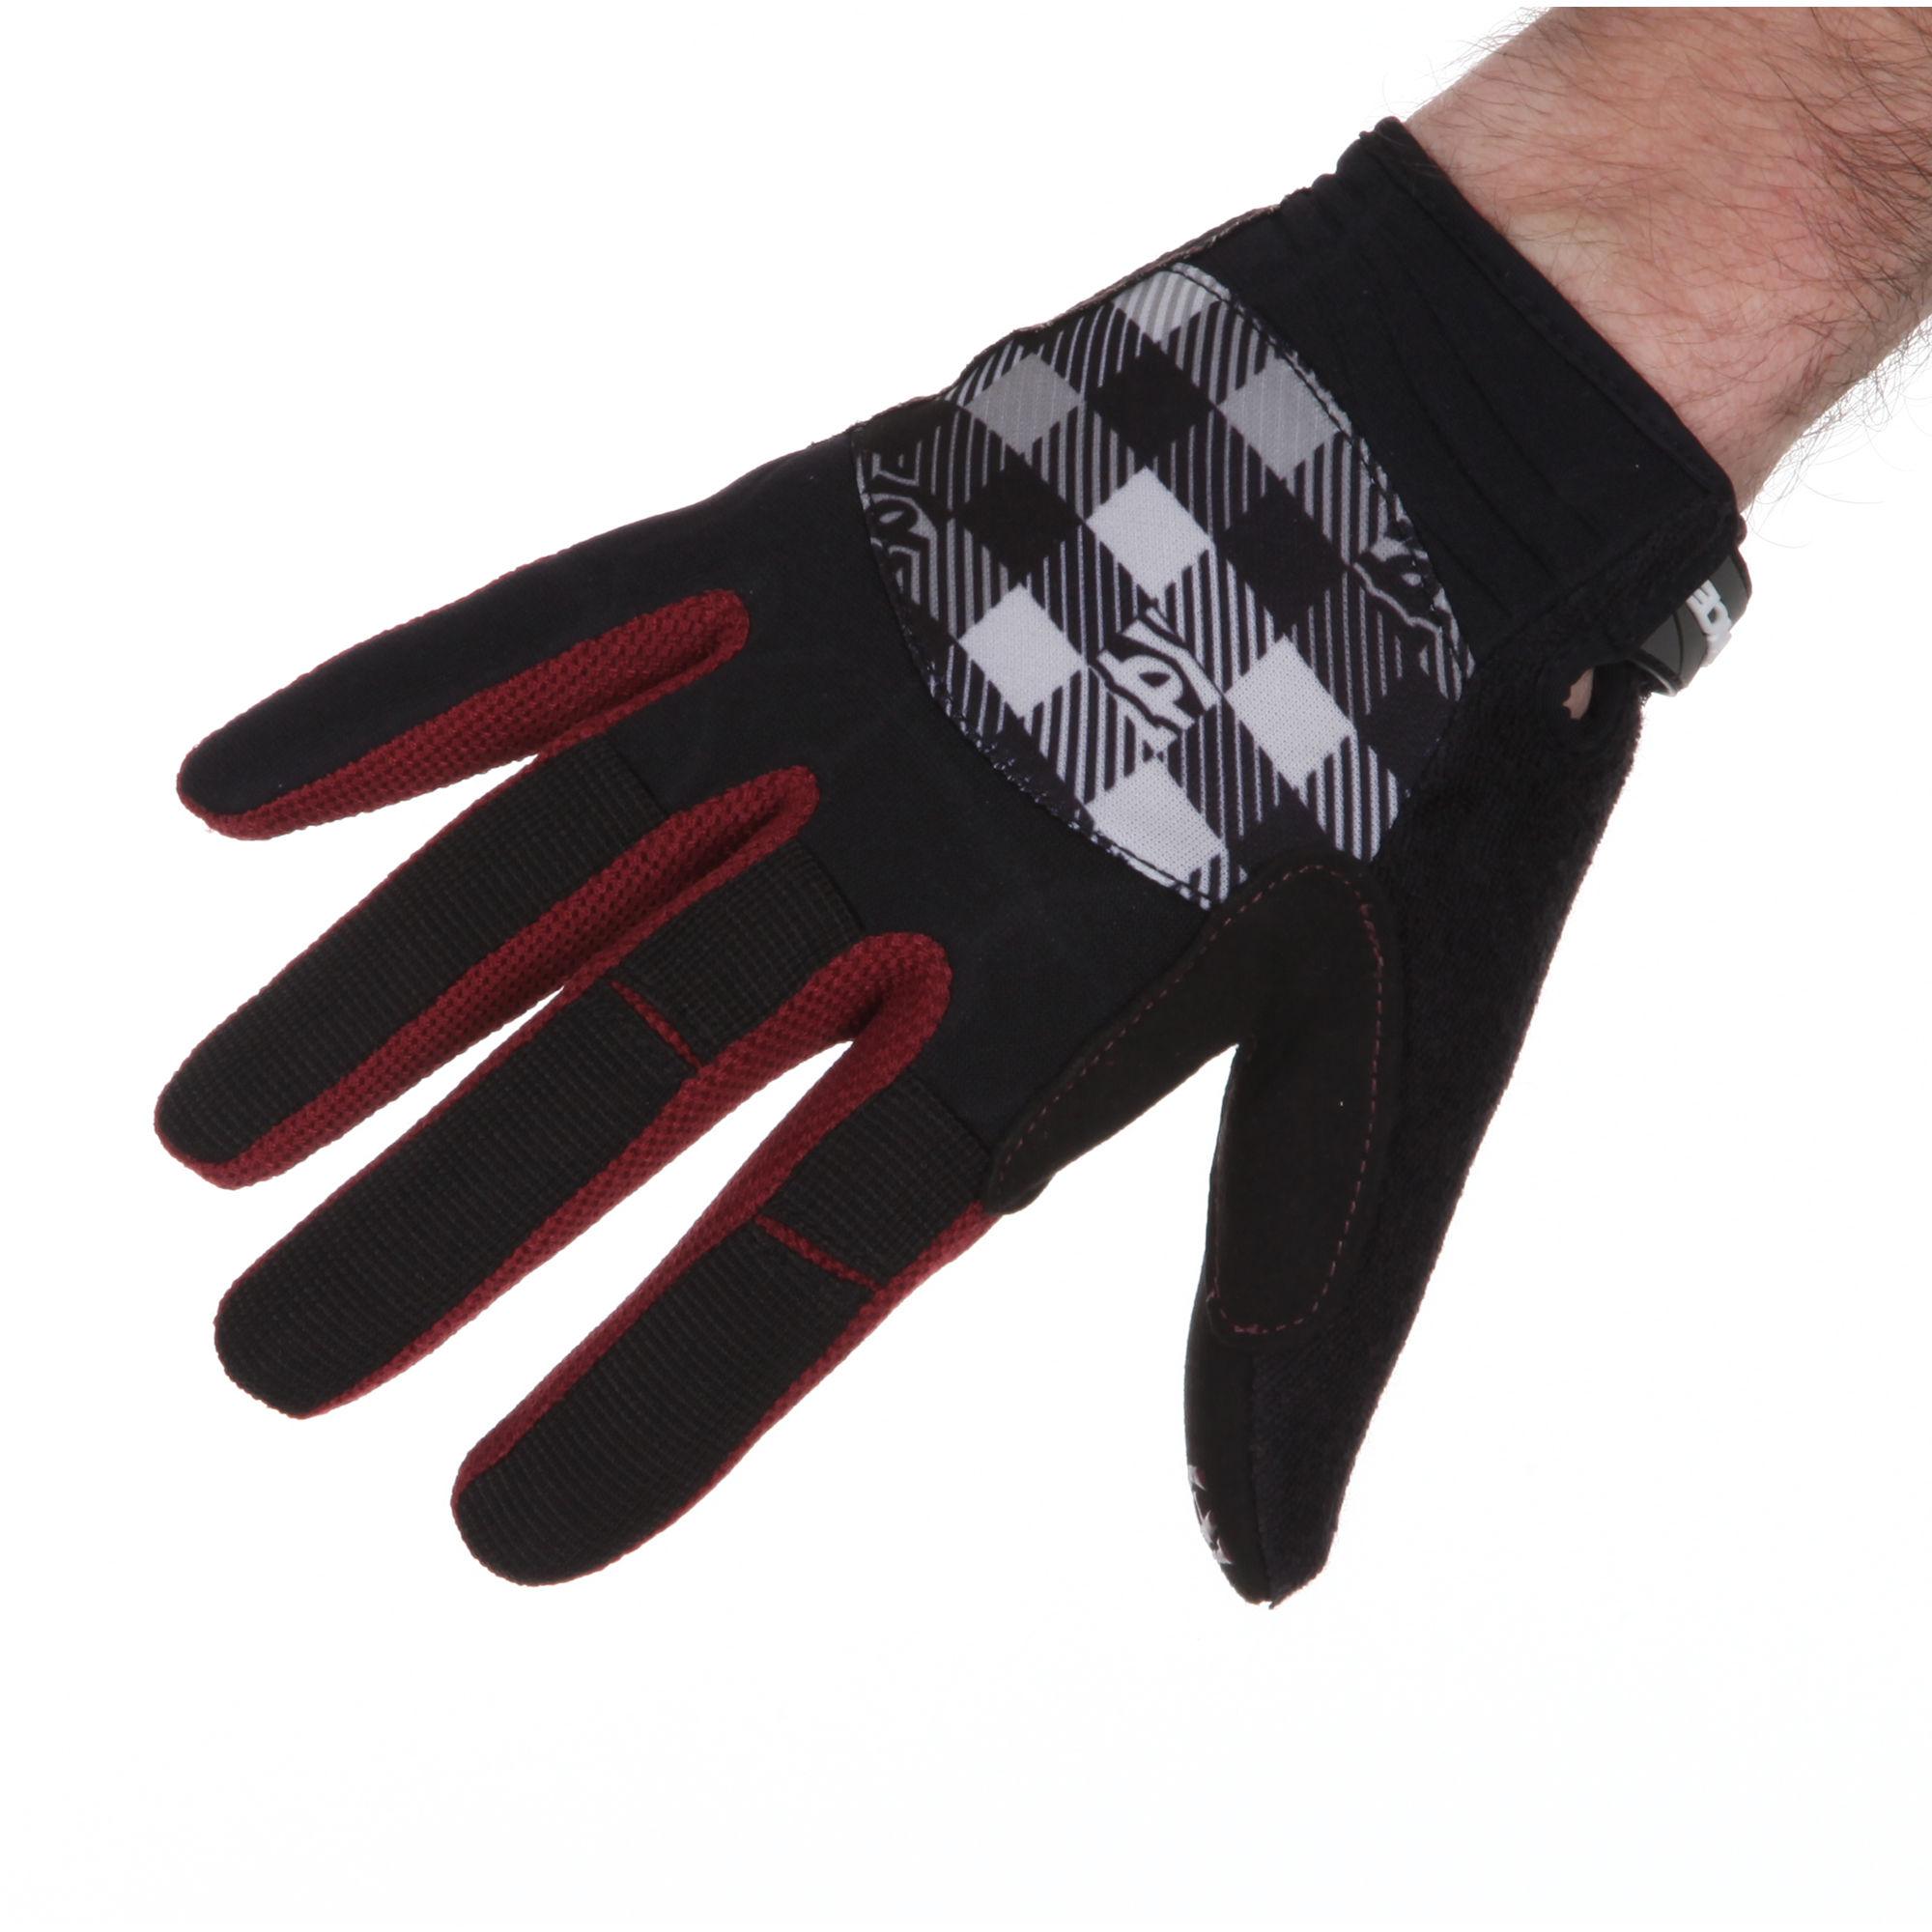 Sélection de gants VTT, port inlus